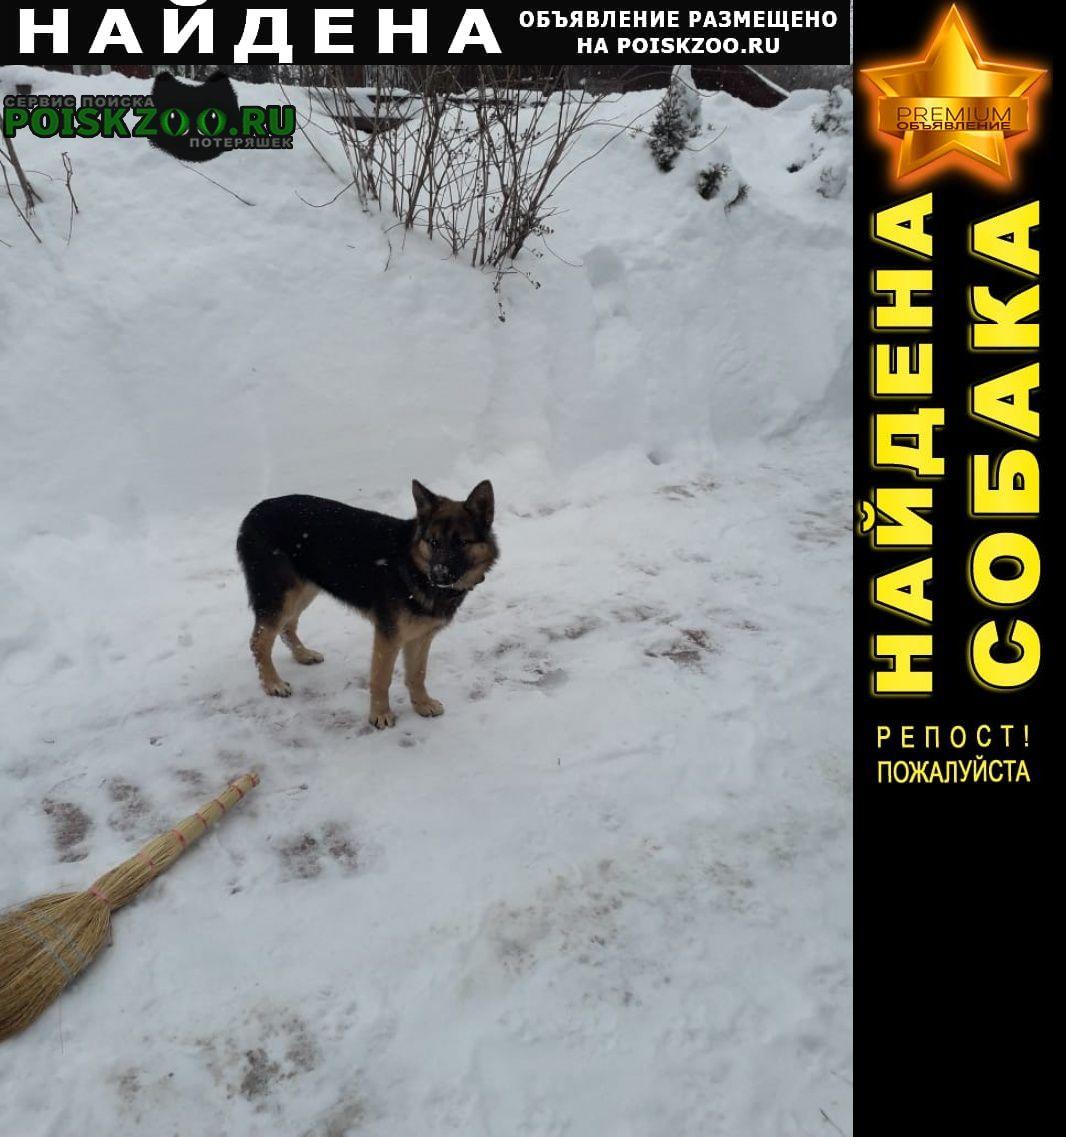 Найдена собака Клин